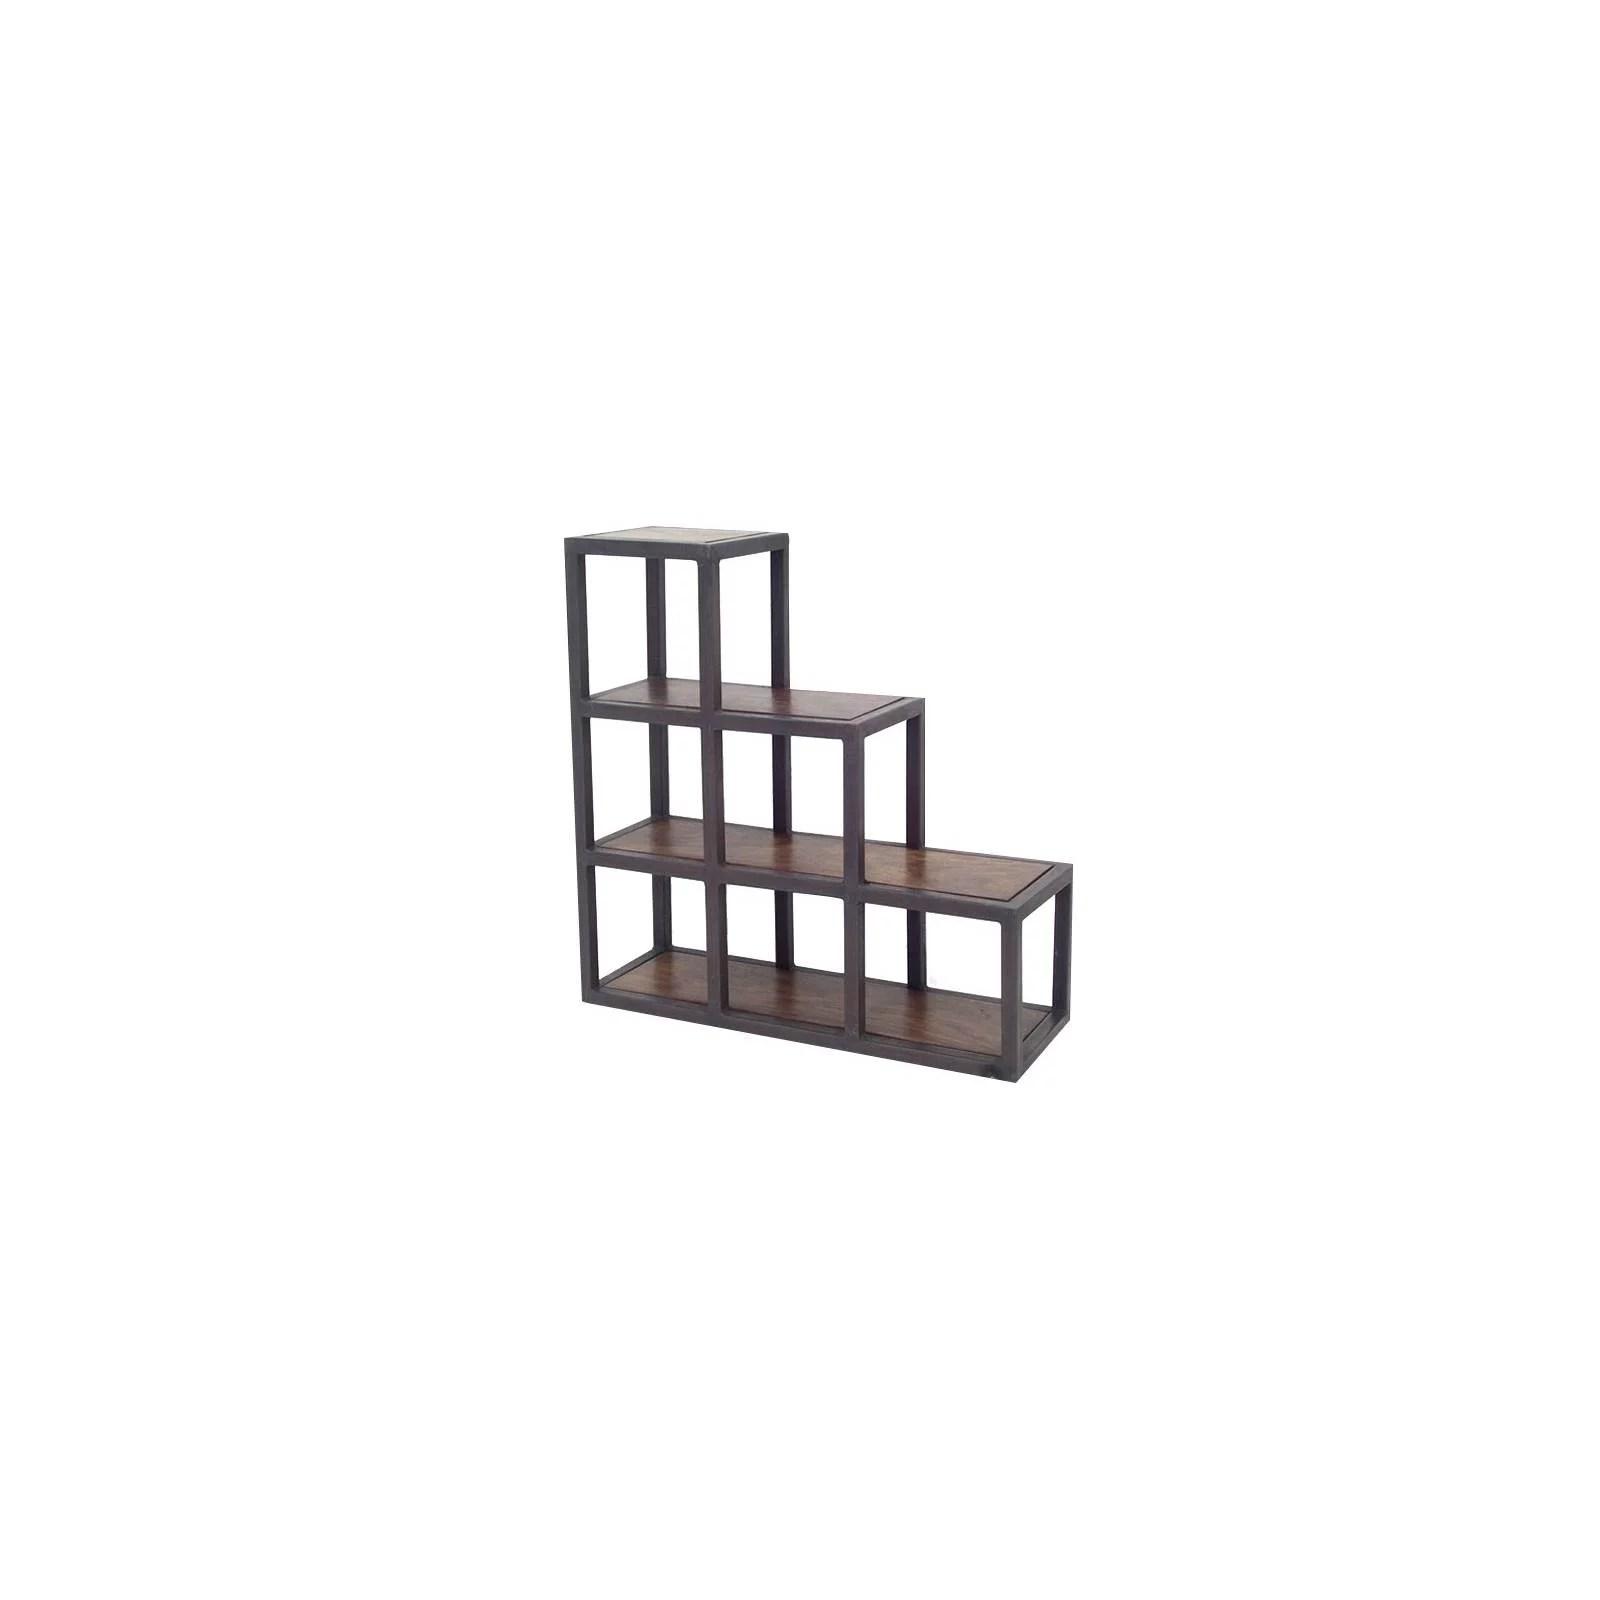 meuble escalier metal et palissandre loft